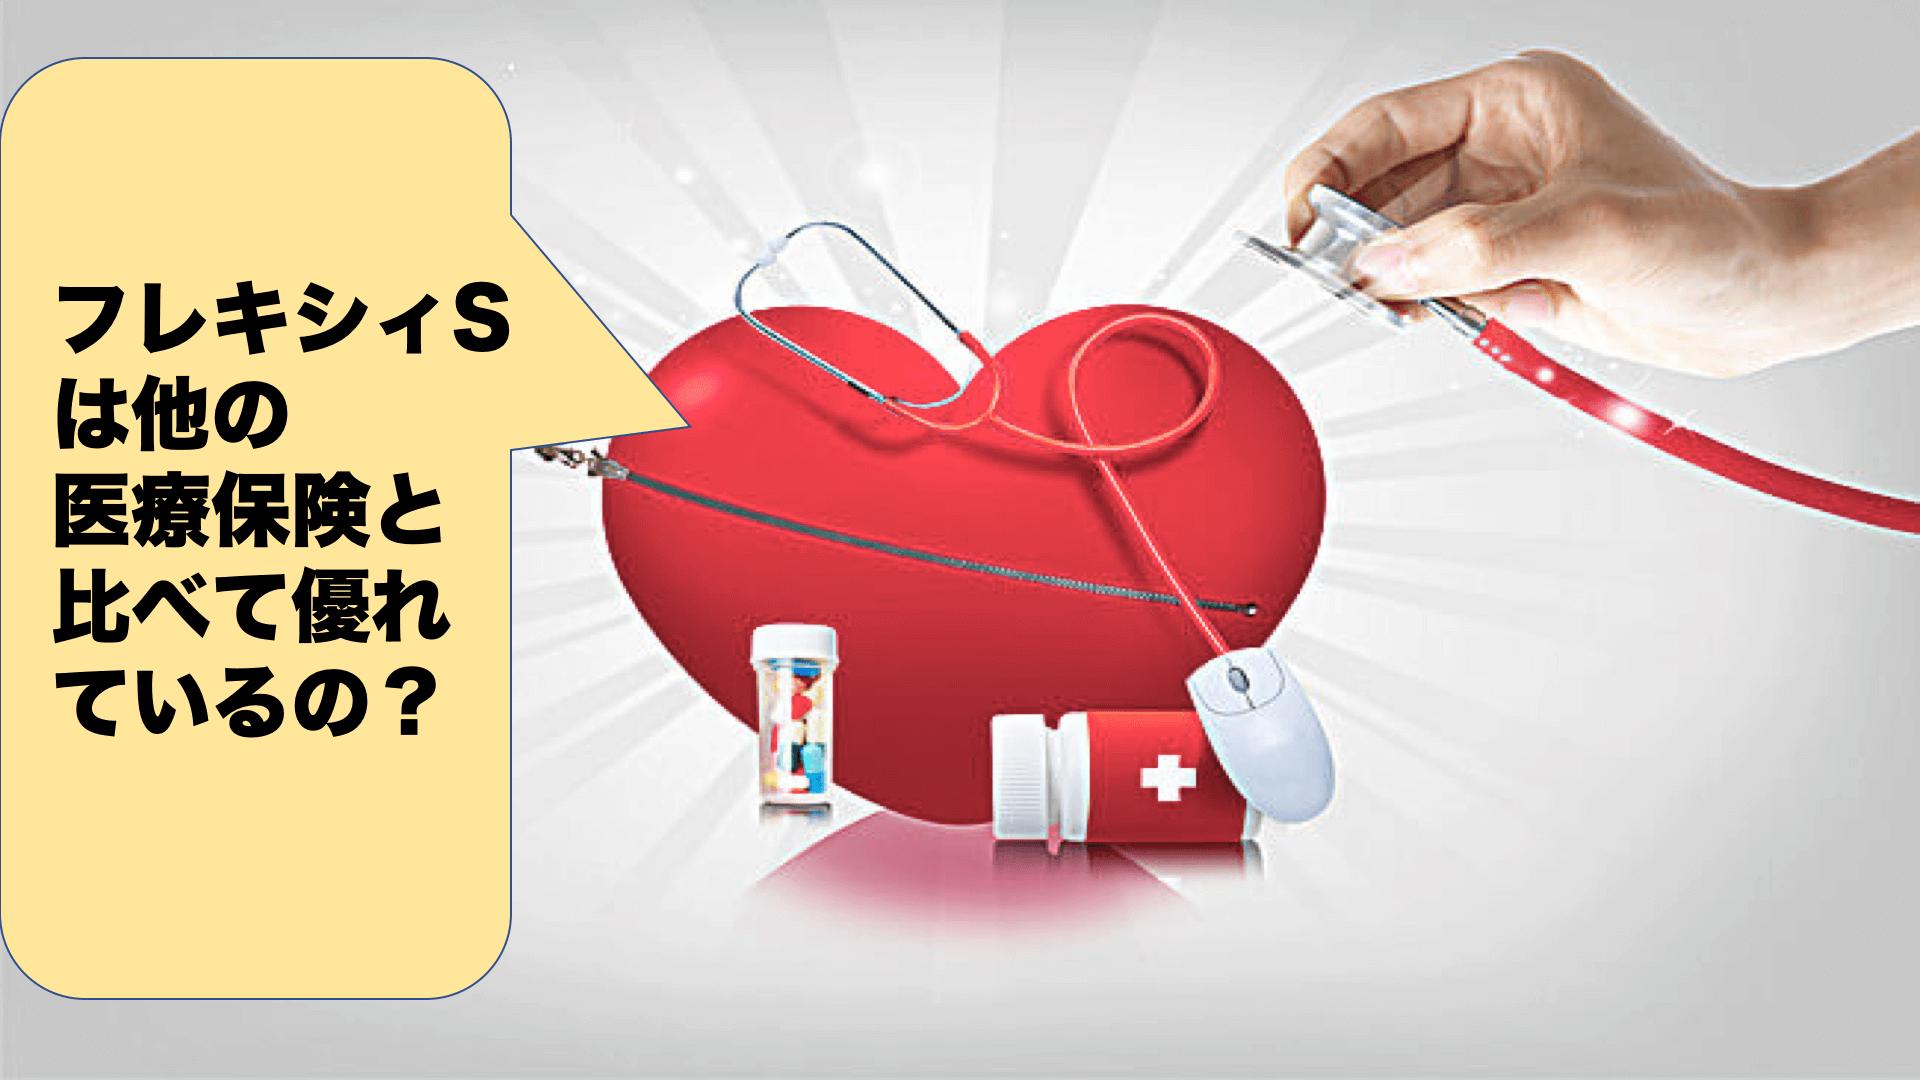 終身医療保険「フレキシィS」を他の医療保険商品と比較